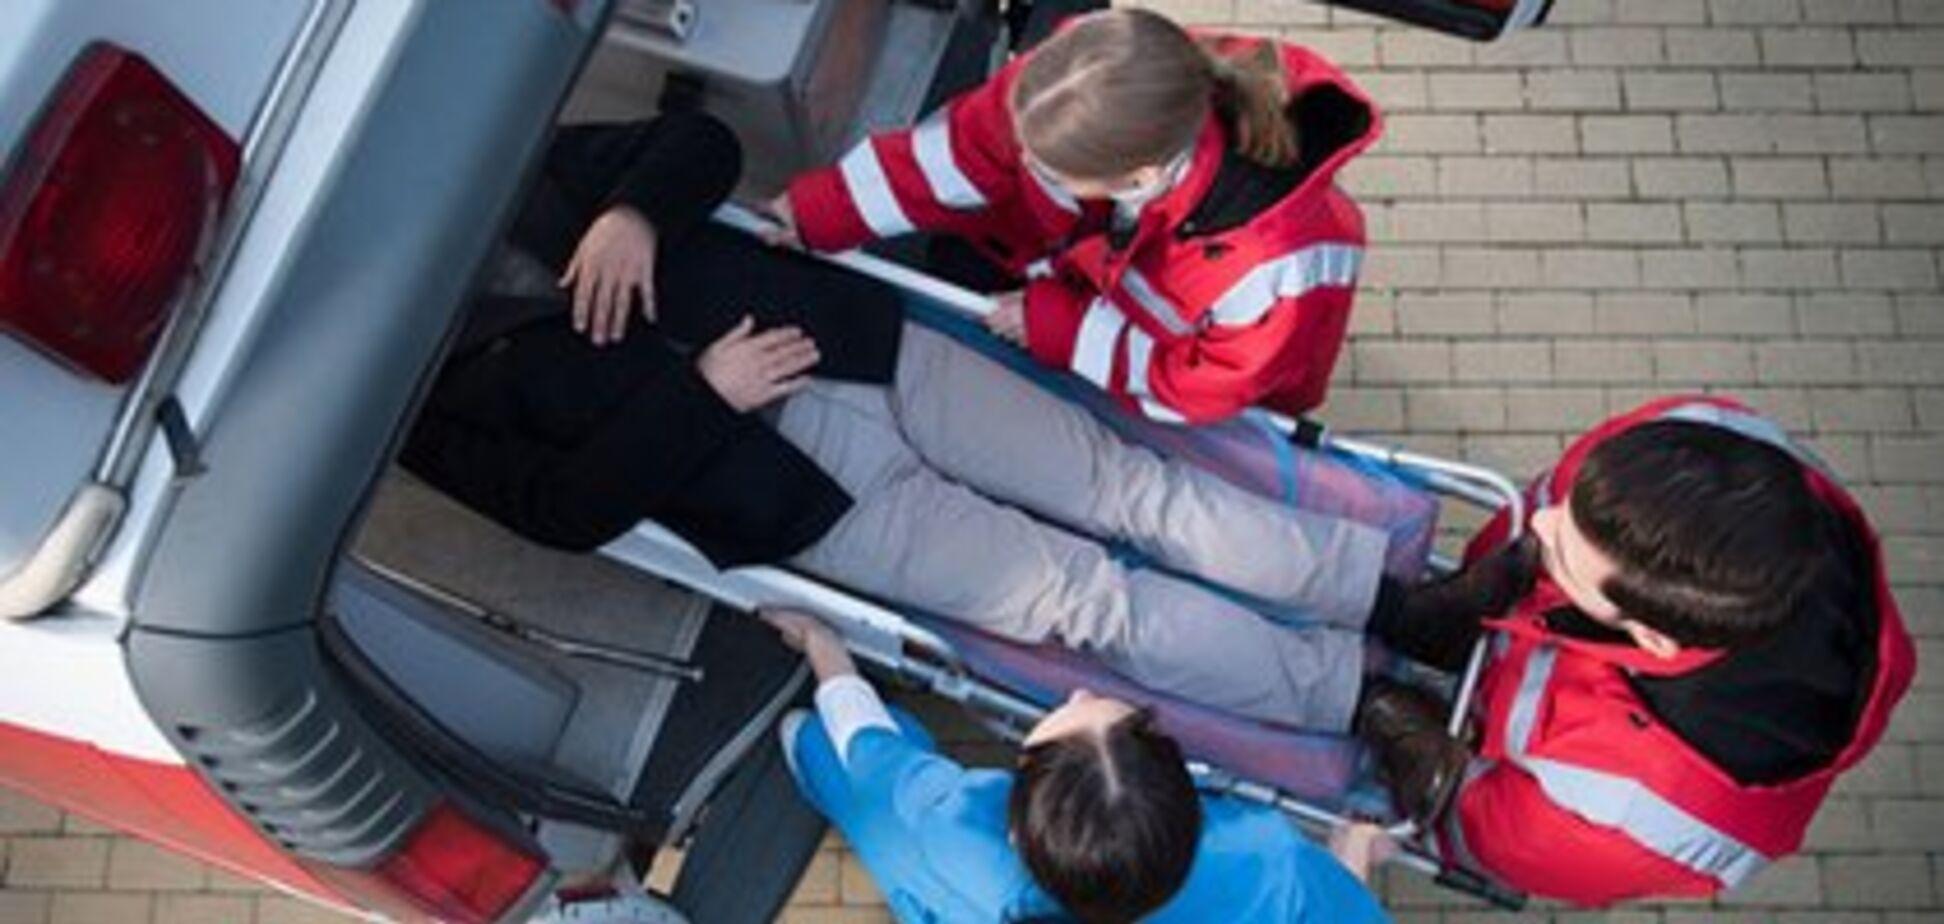 Ризик вищий на 66%: названі смертельно небезпечні звички